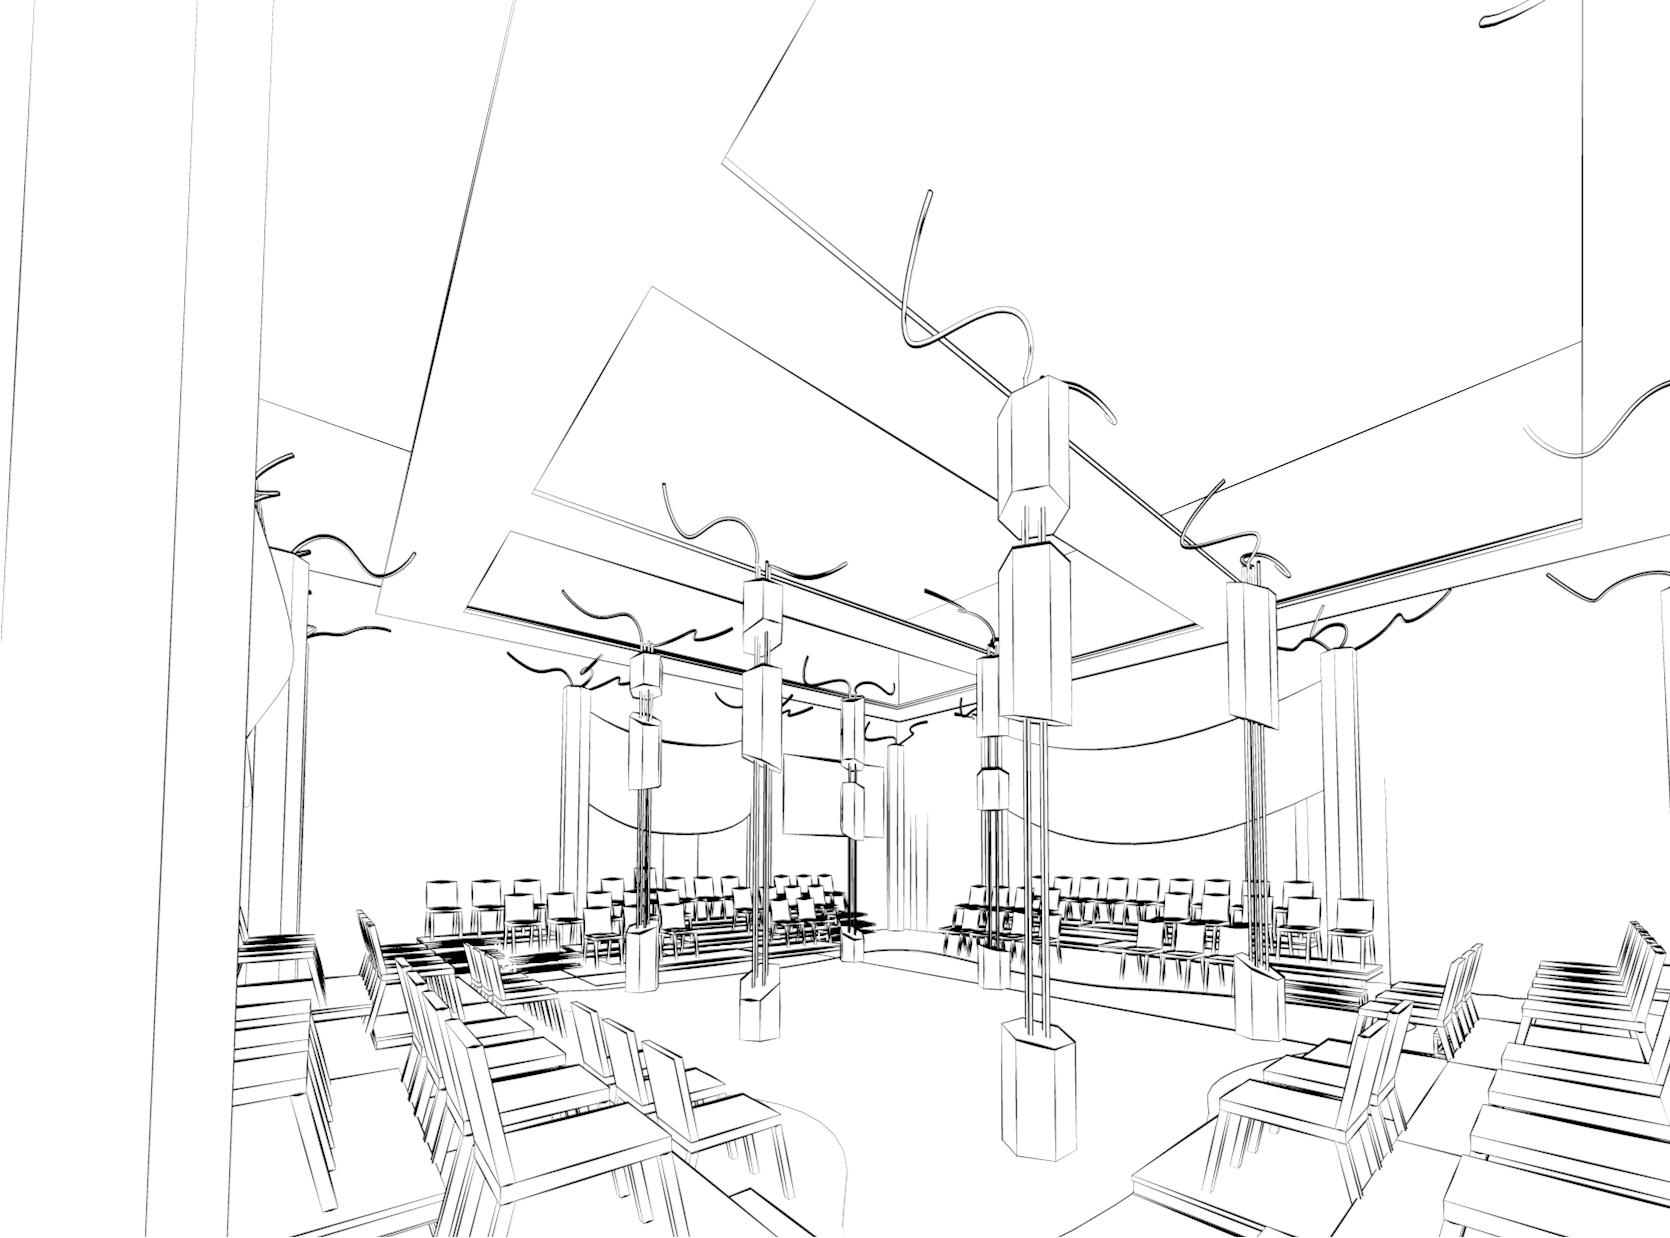 Hamlet - Perspective sketch